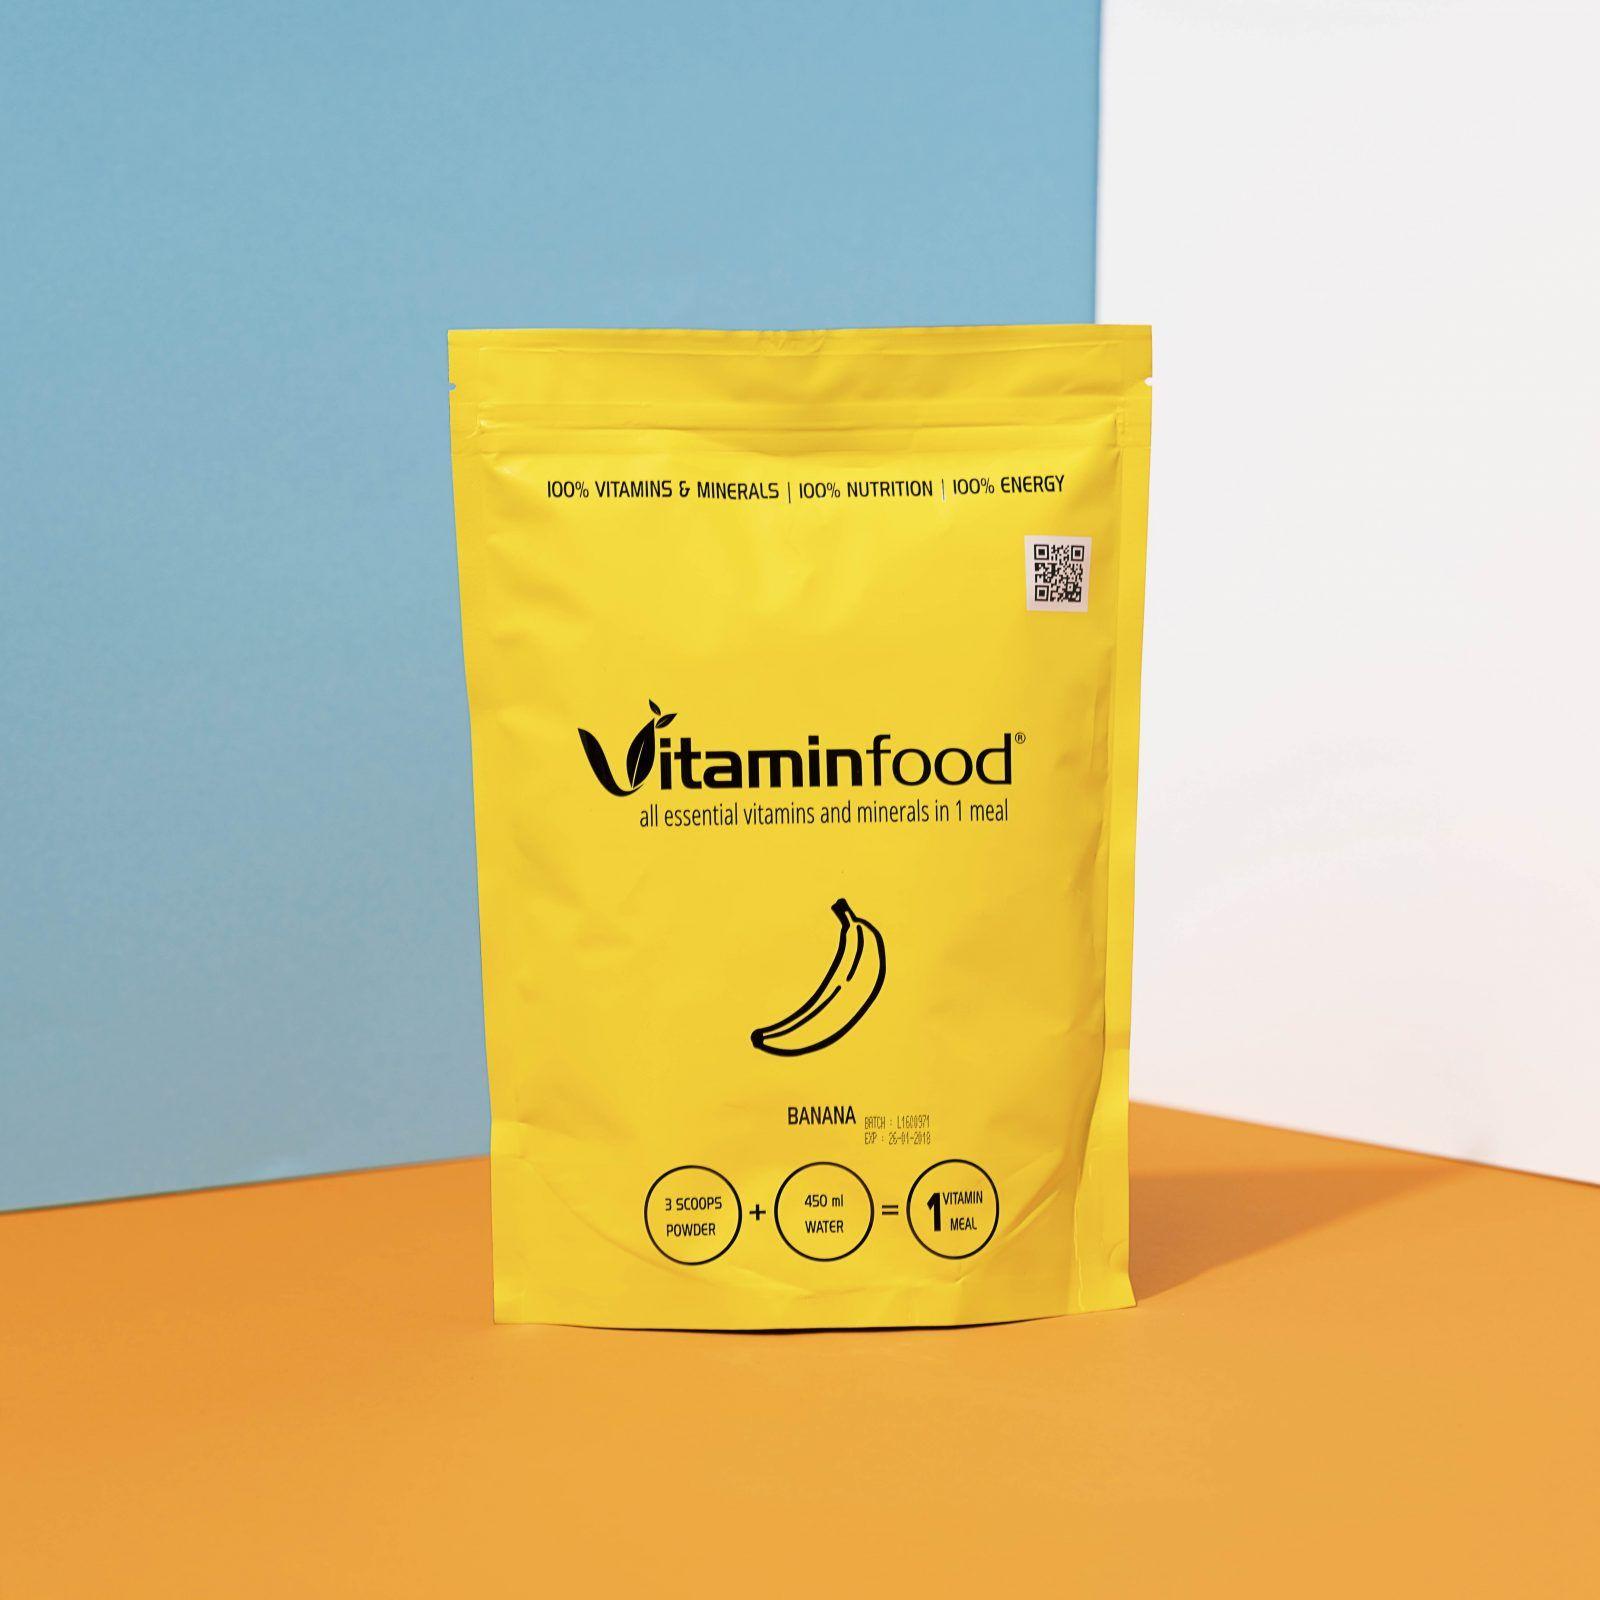 vitaminfood